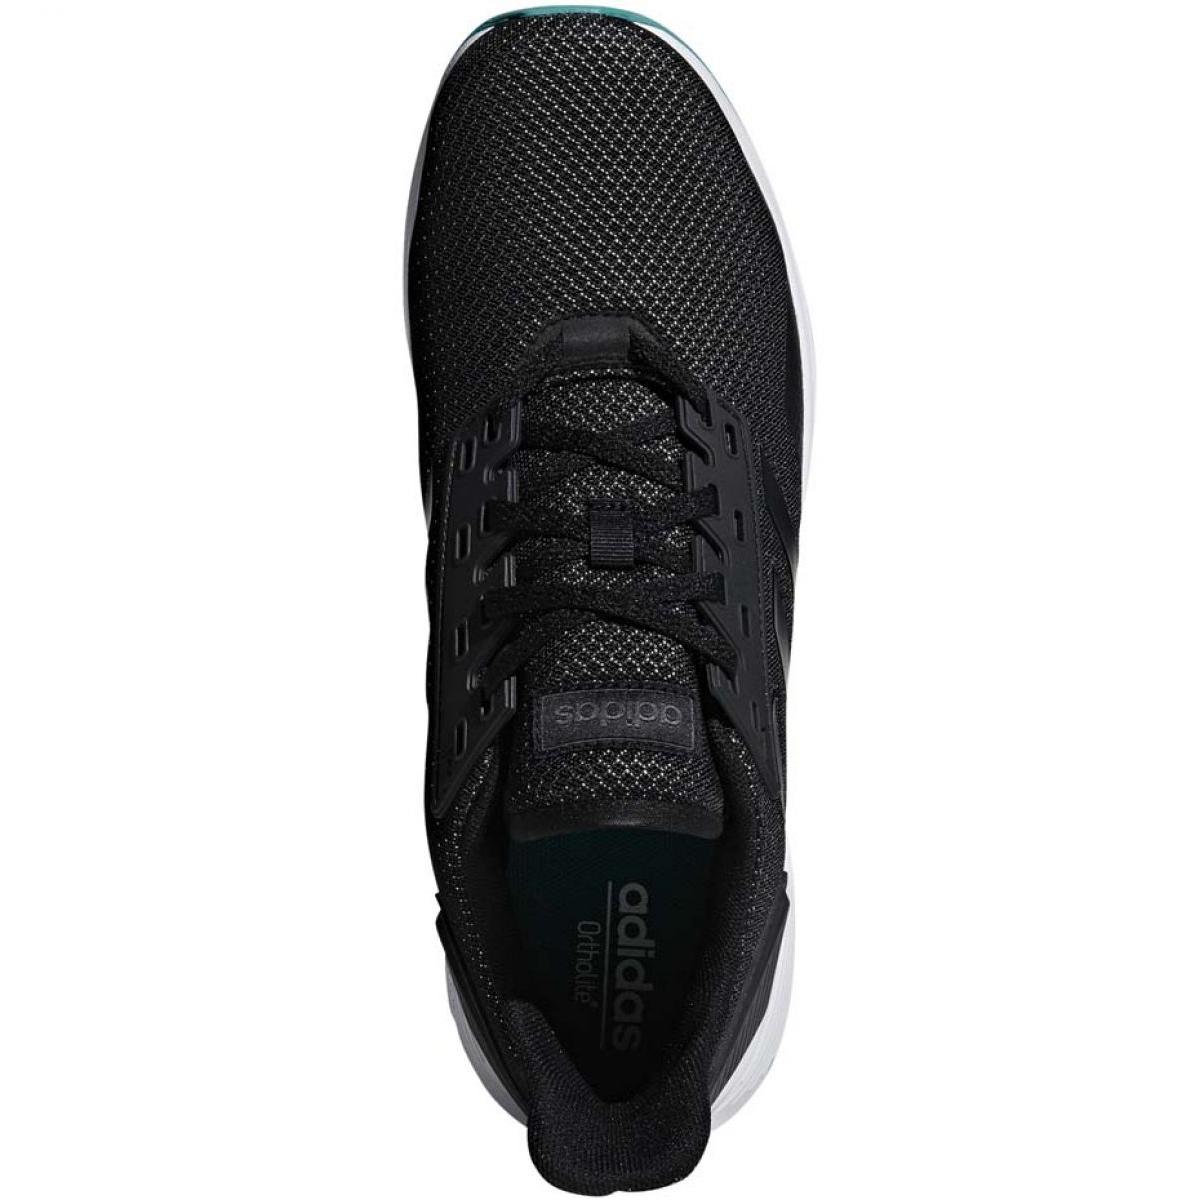 Buty biegowe adidas Duramo 9 M F34494 czarne